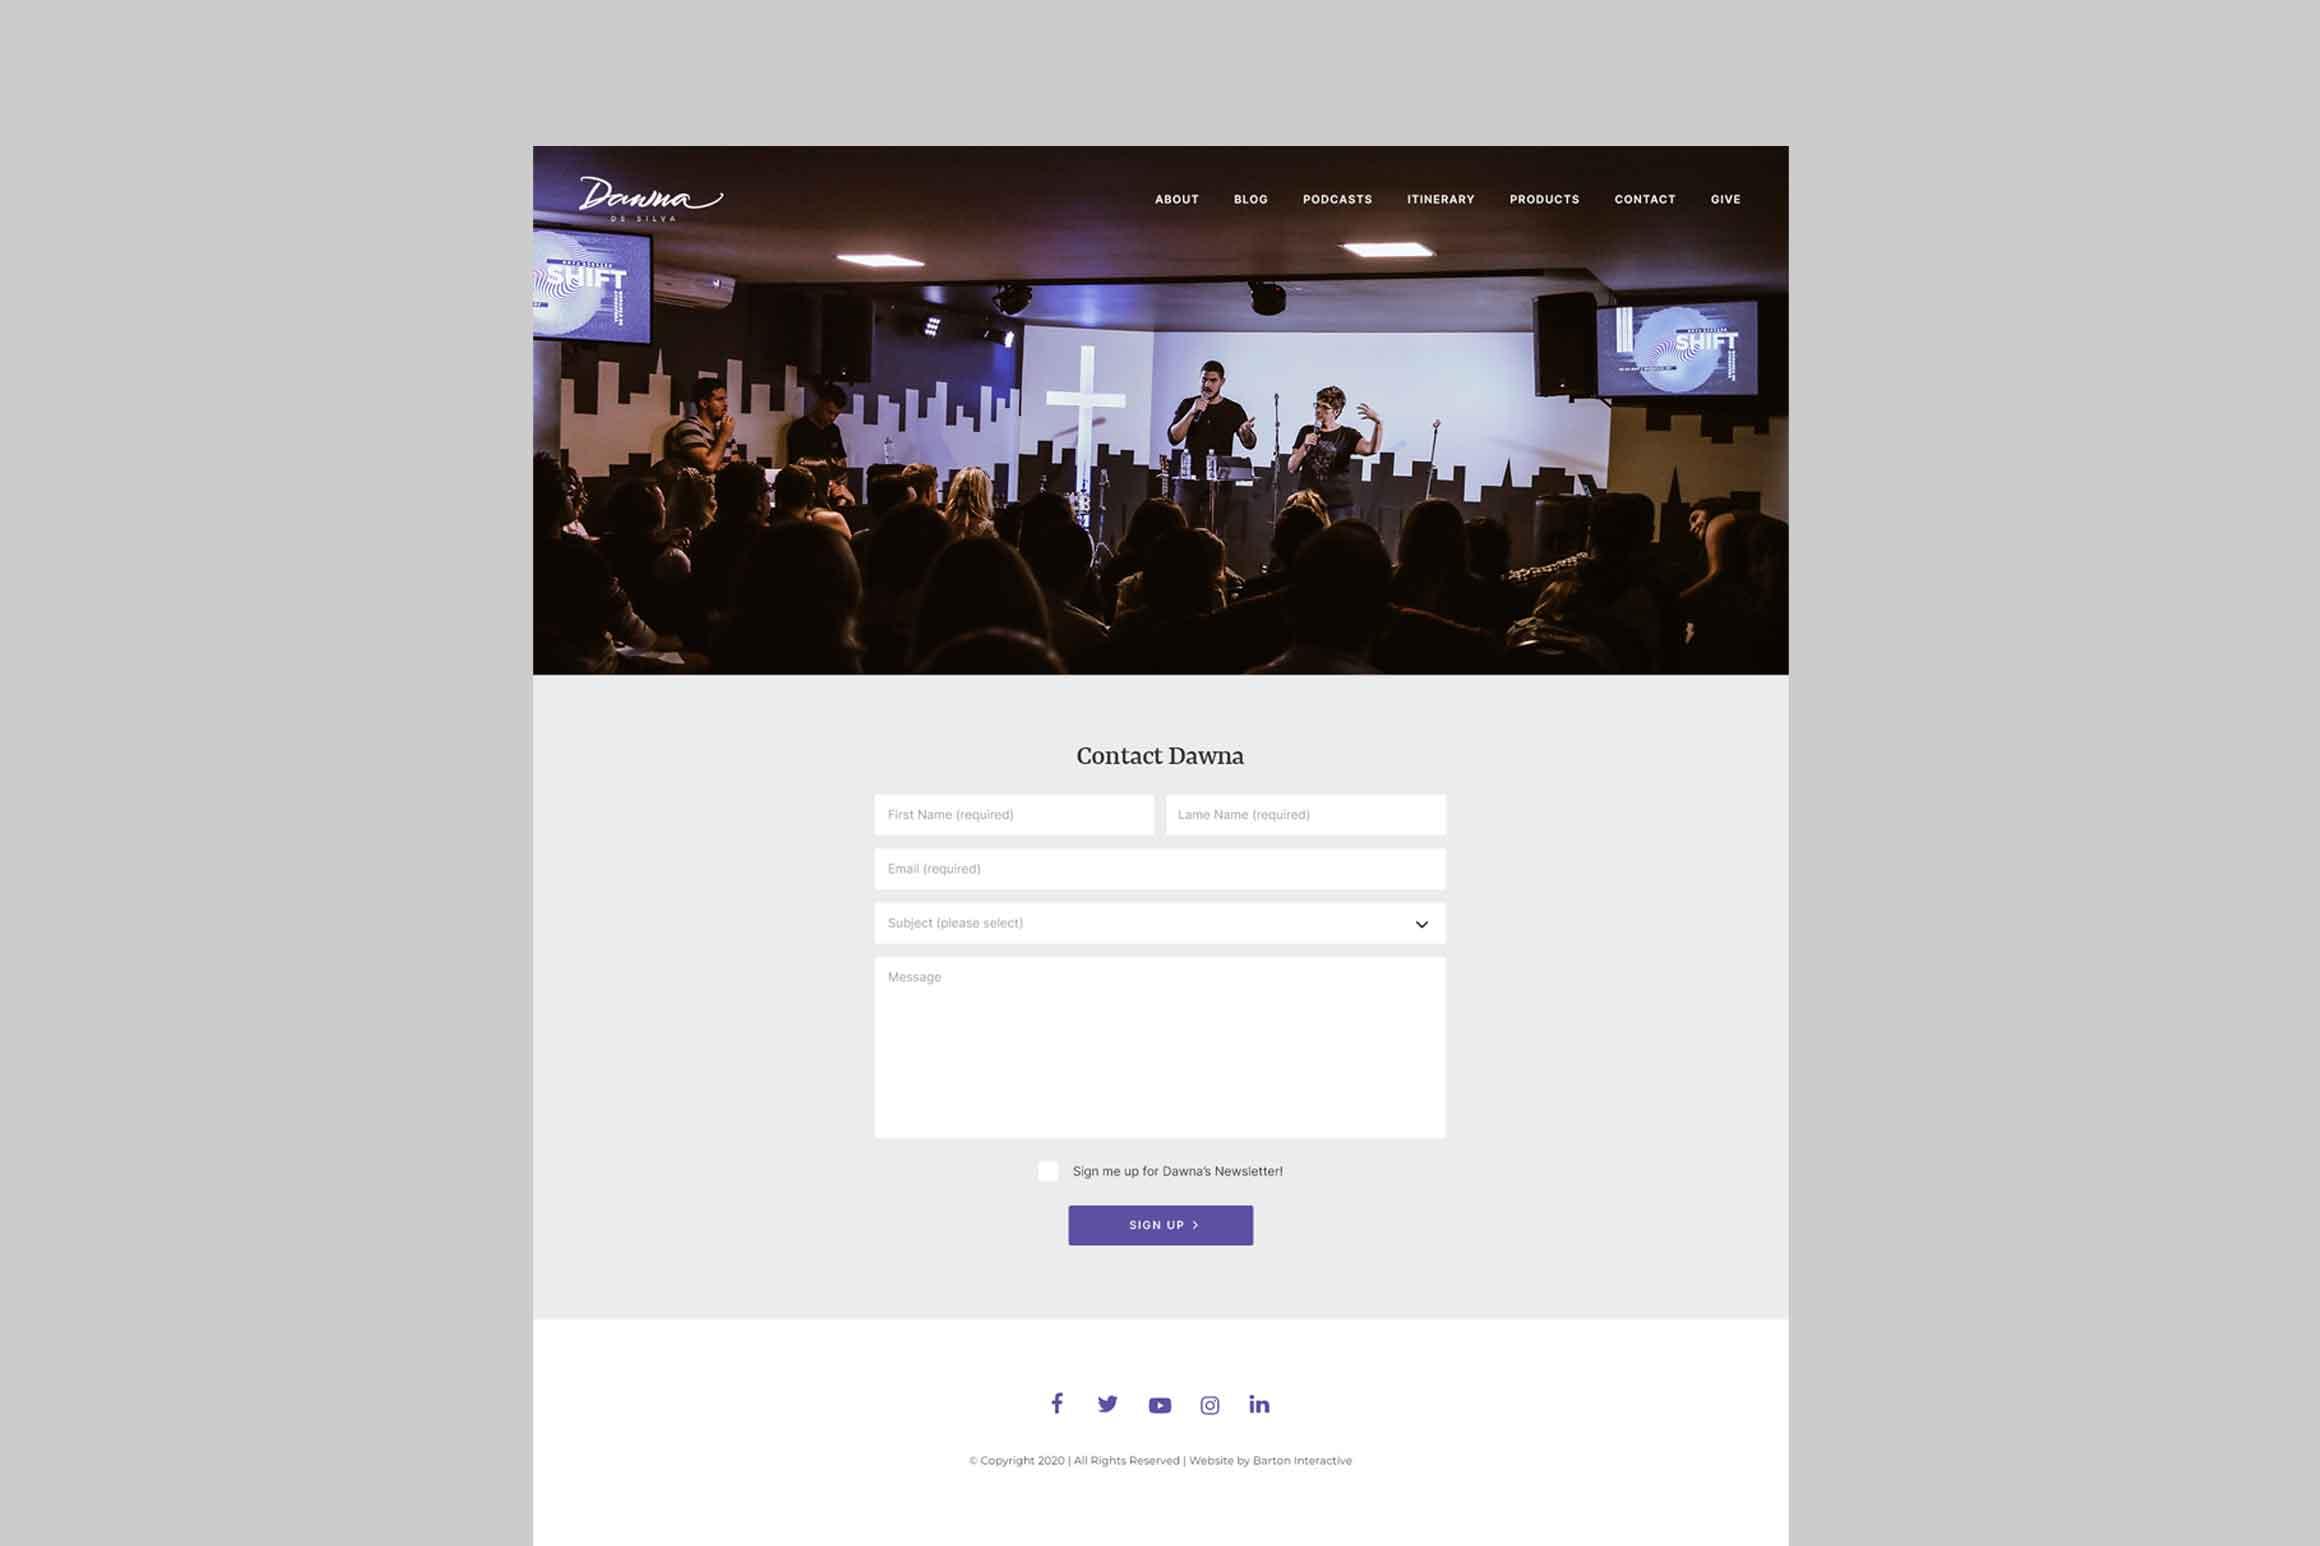 Dawna De Silva Website Contact Page